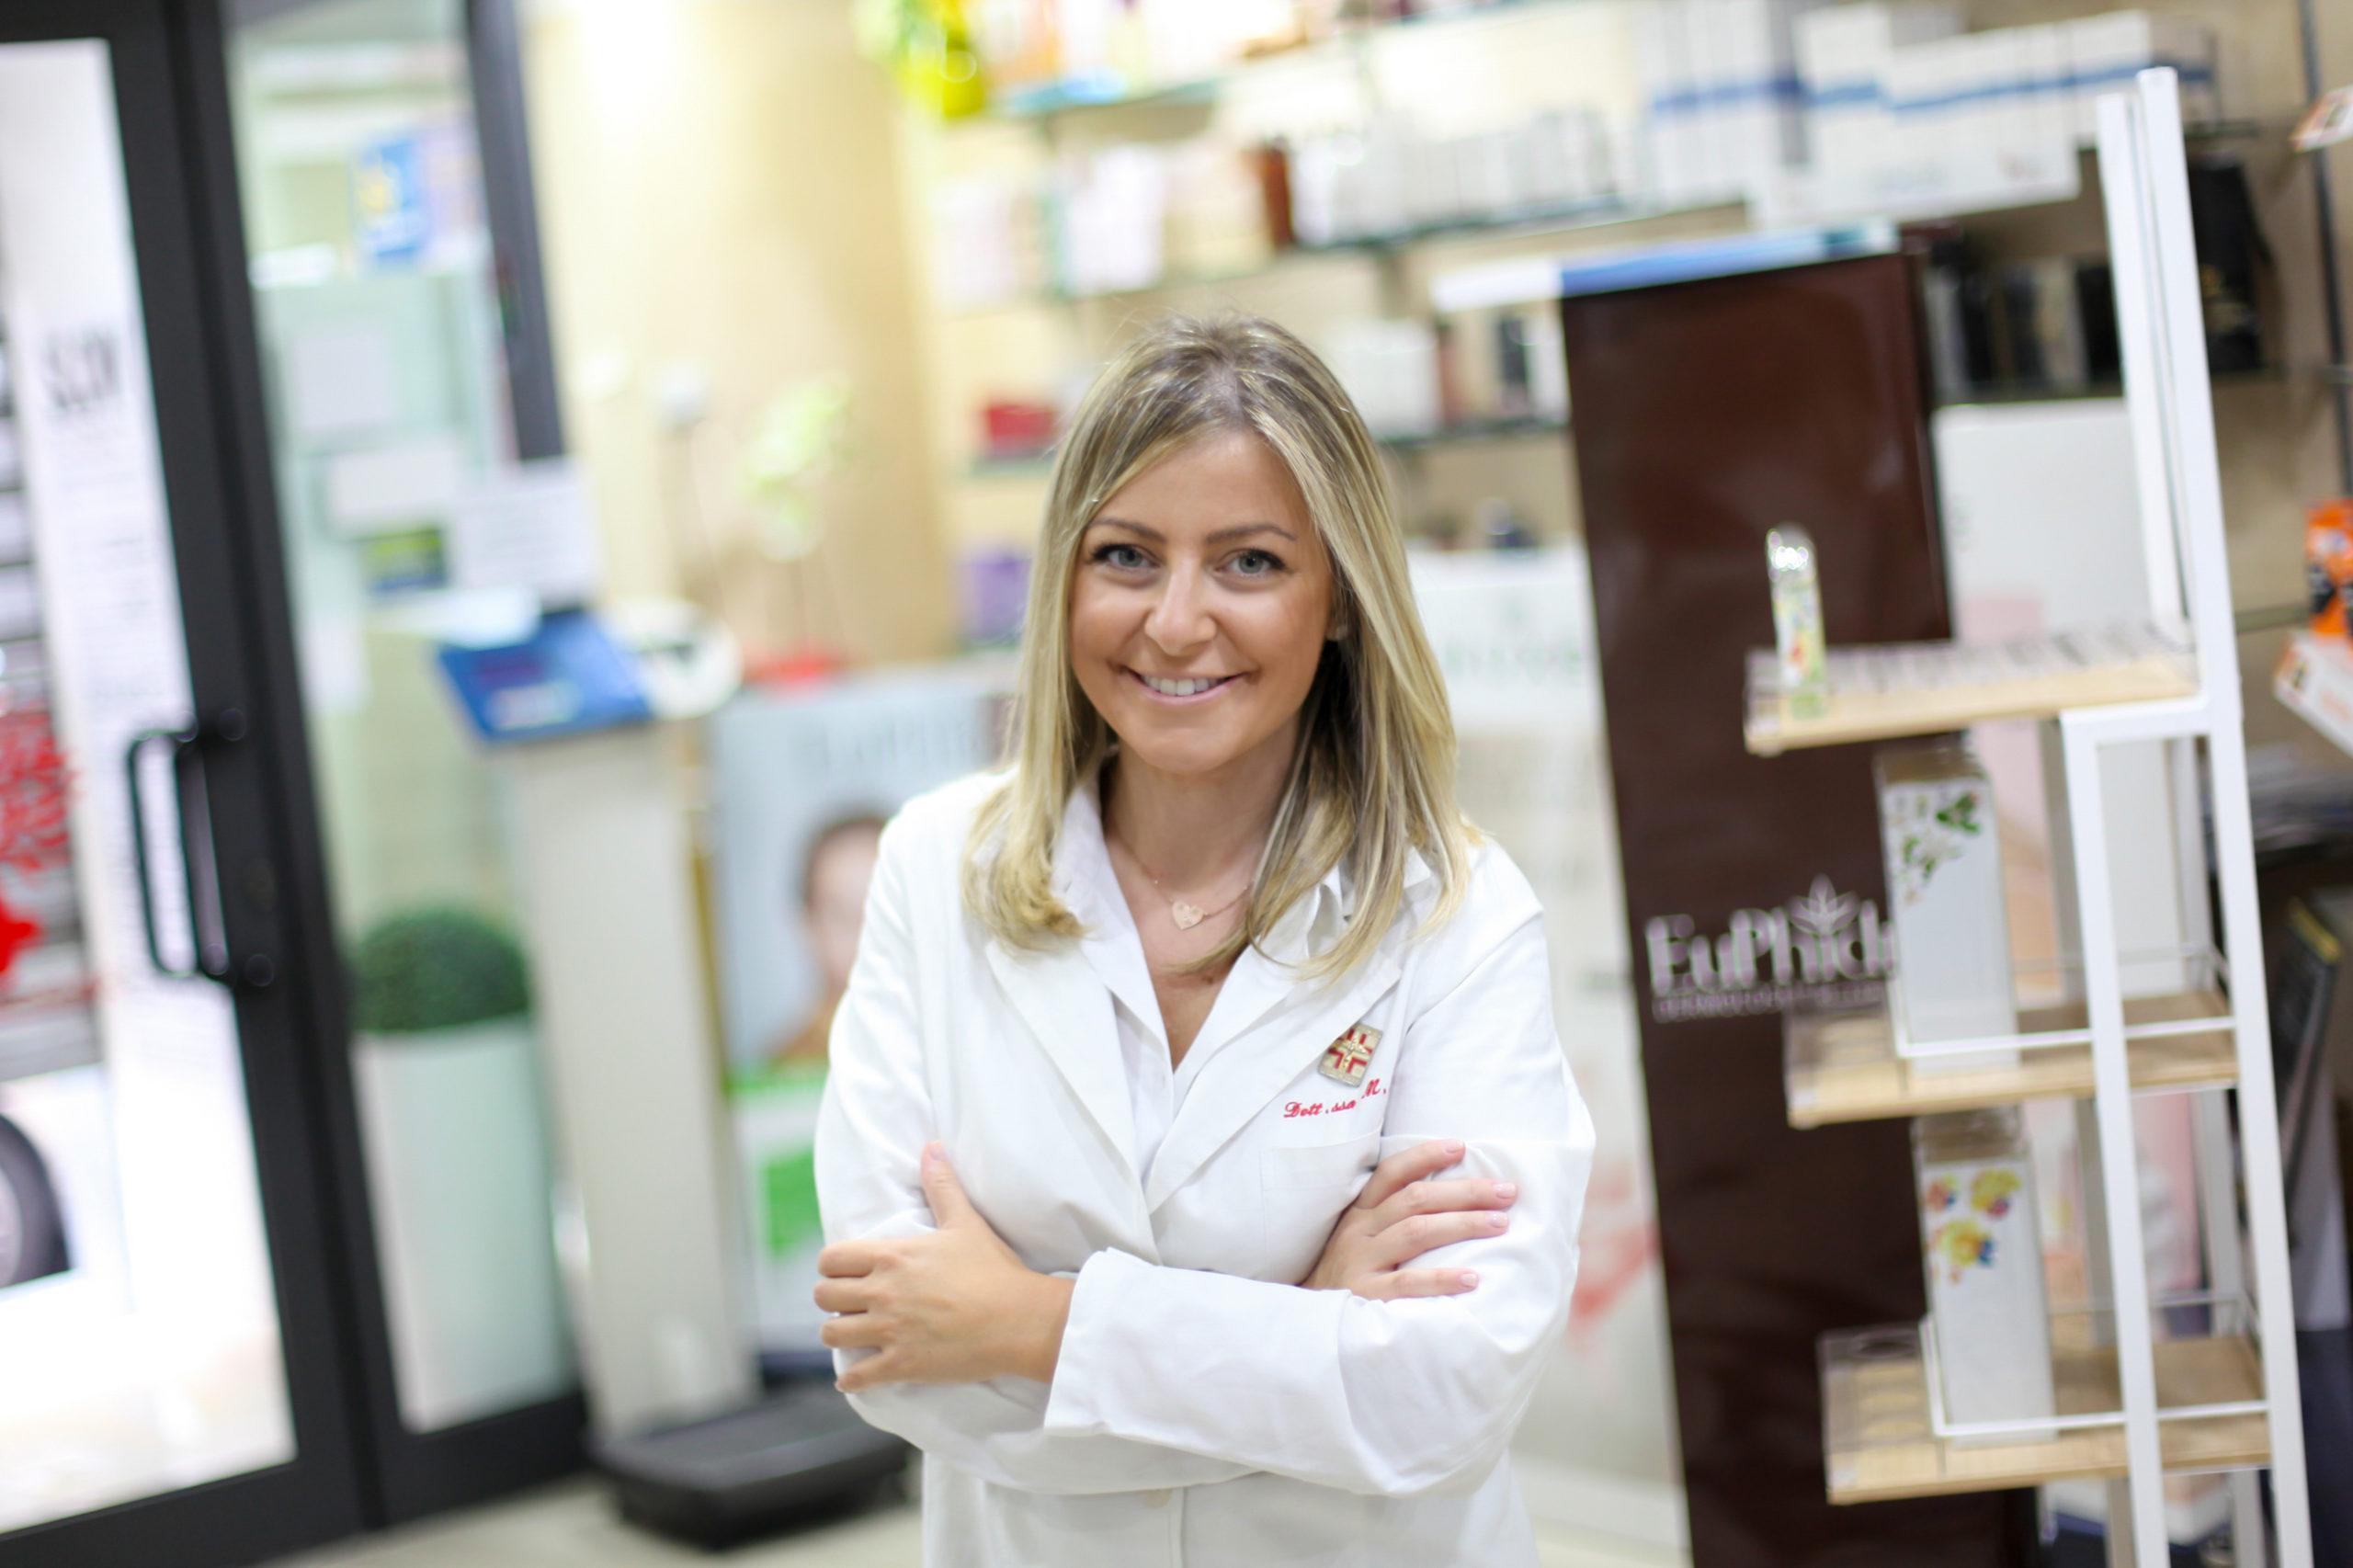 Pazienti oncologiche, coronavirus e quarantena: il laboratorio d'estetica sociale... a distanza!